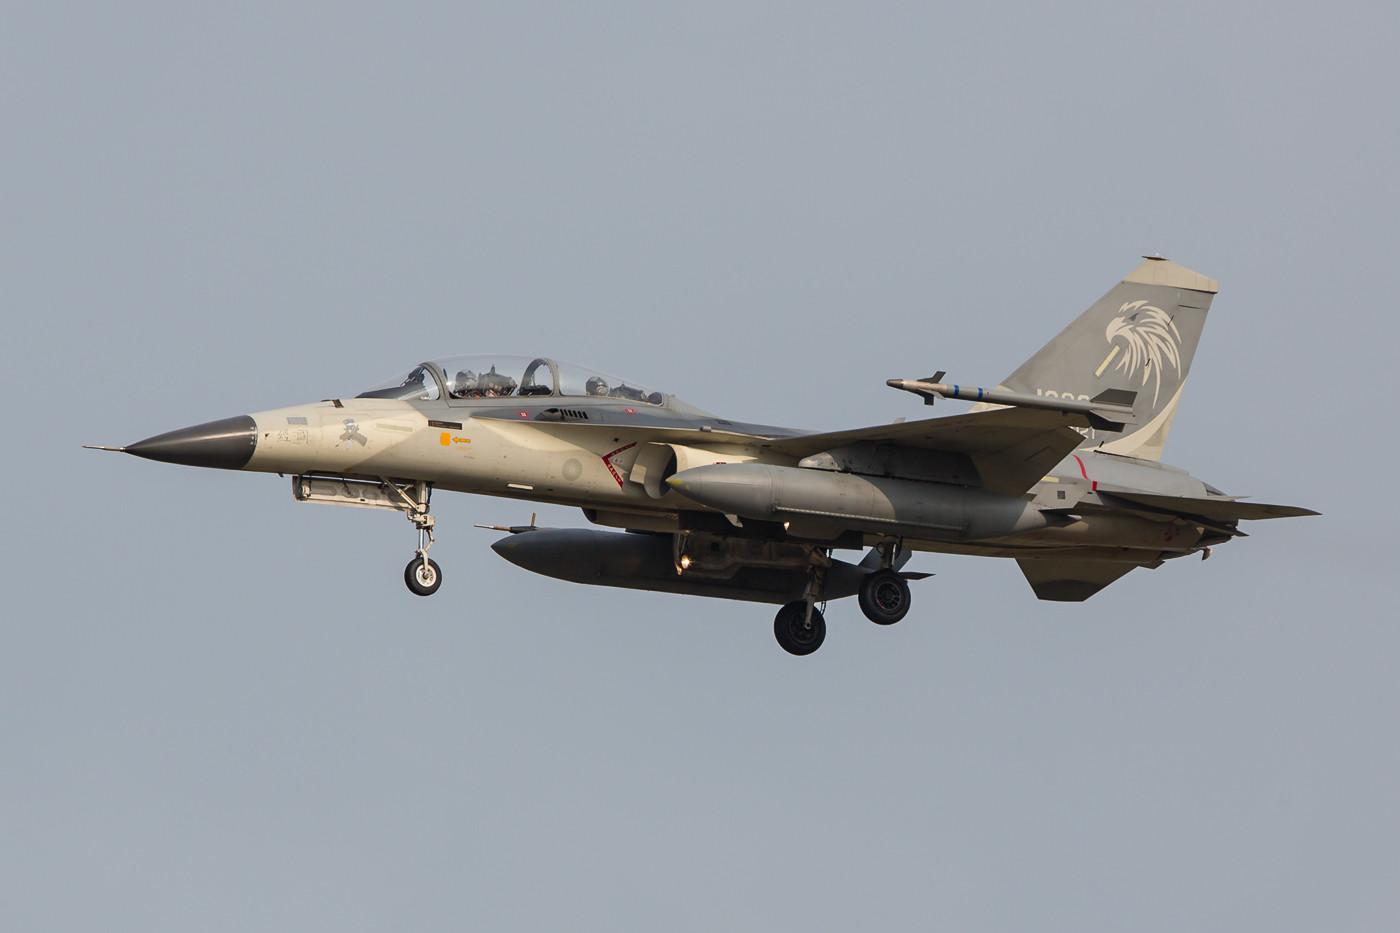 Die F-CK-1 ist im Vergleich zur F-16, an der ihr Entwurf angelehnt ist, deutlich kleiner.